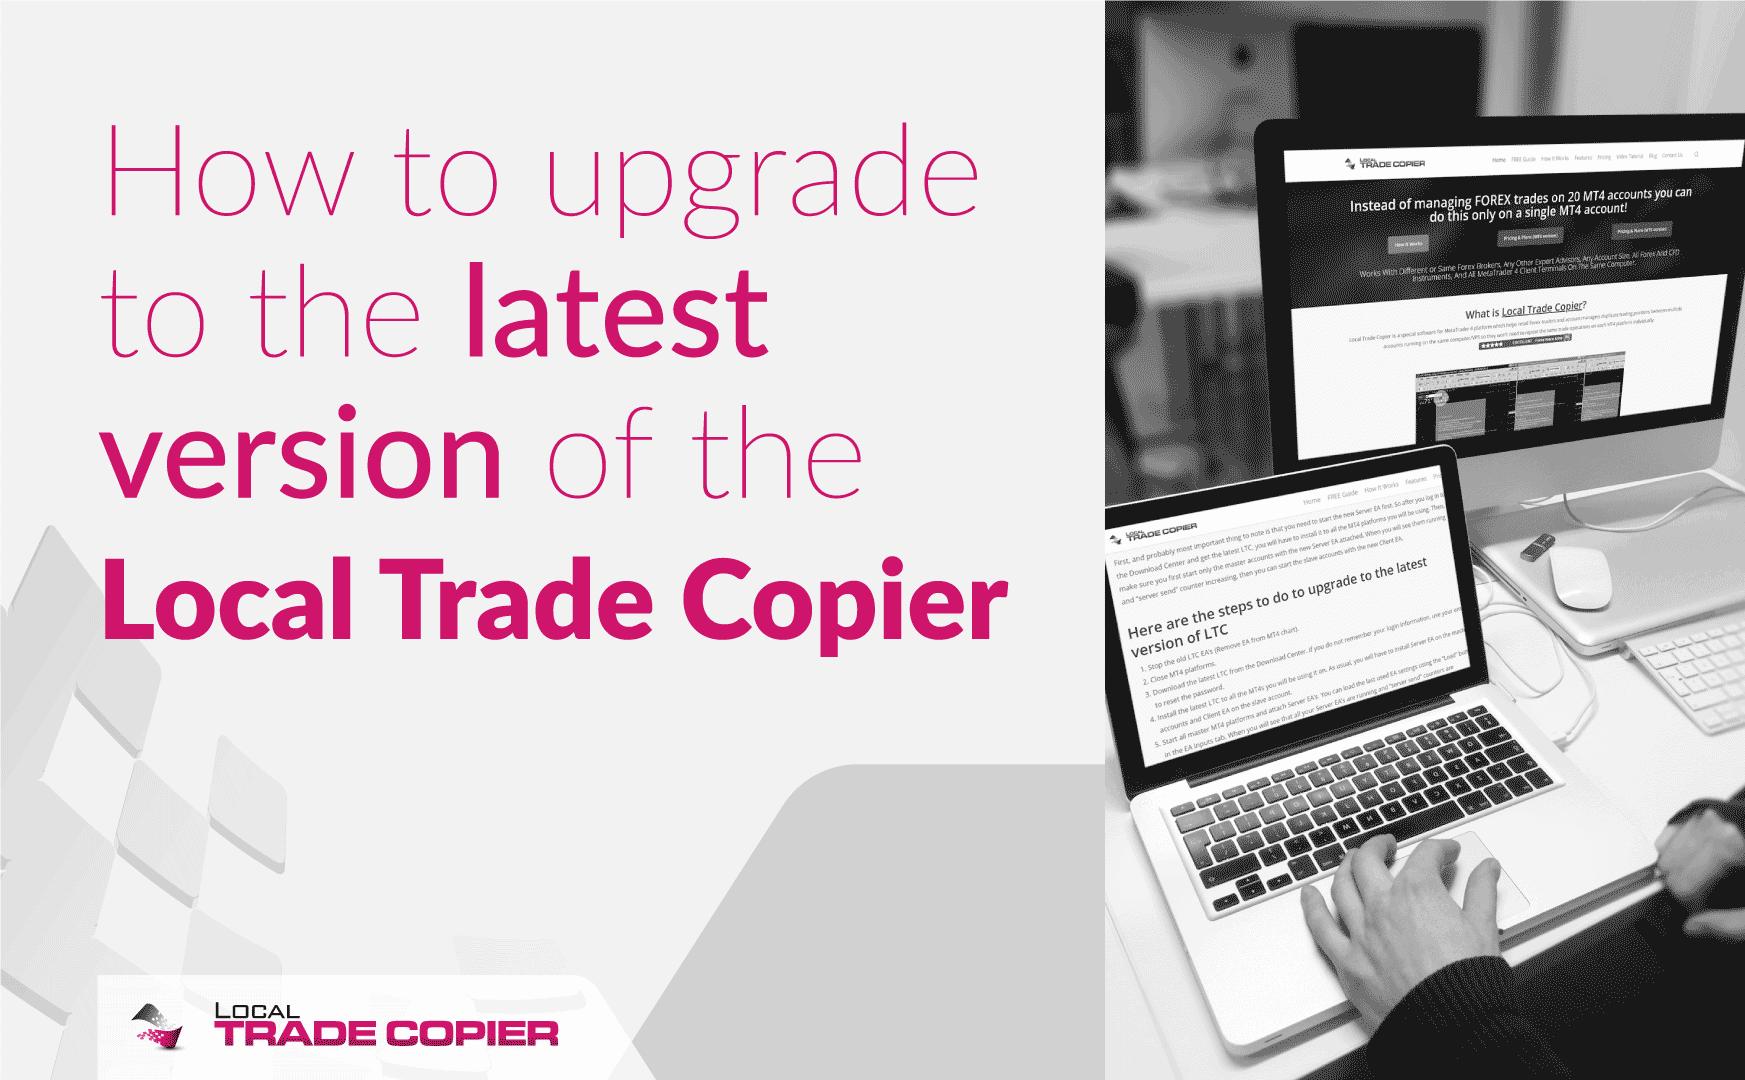 Local-Trade-Copier-Tutorials-upgrading-ltc-1745x1080